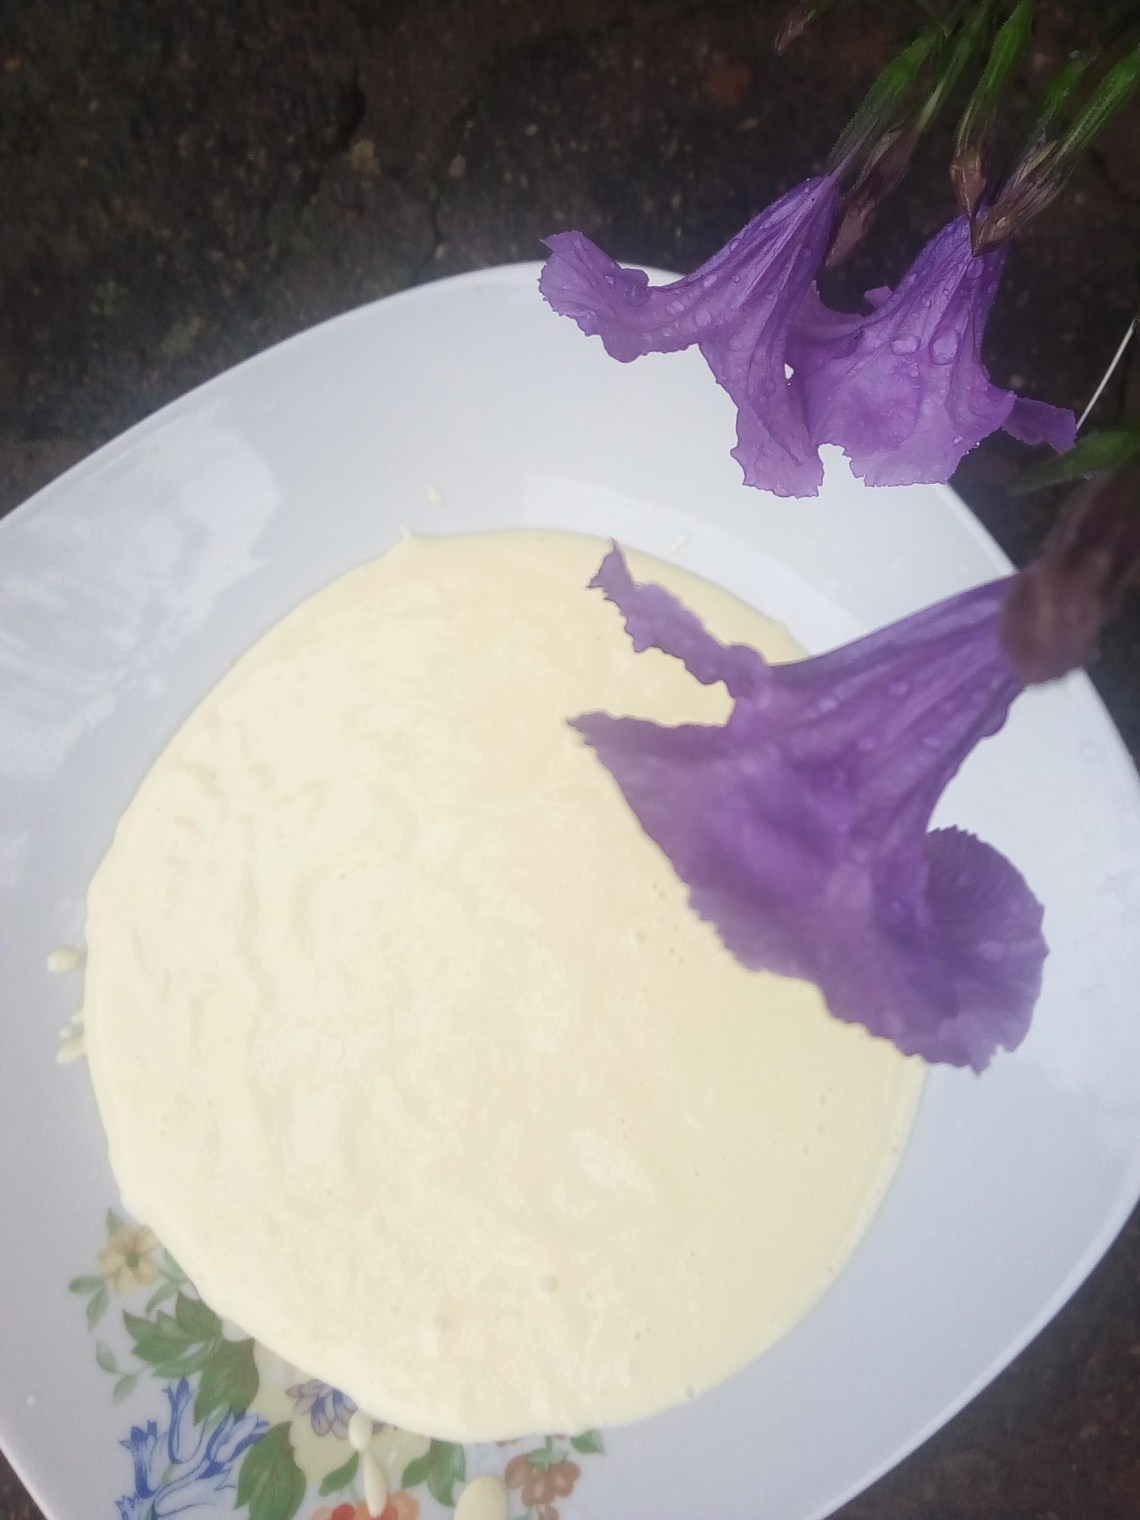 masque mayonnaise maison diy pour soin de cheveux secs cassant crepus frisés